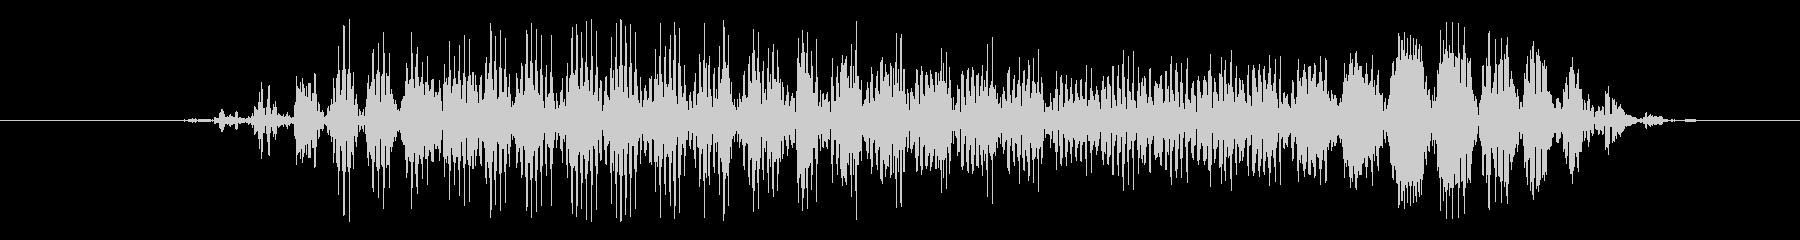 ゴブリン スクリームショートペイン01の未再生の波形